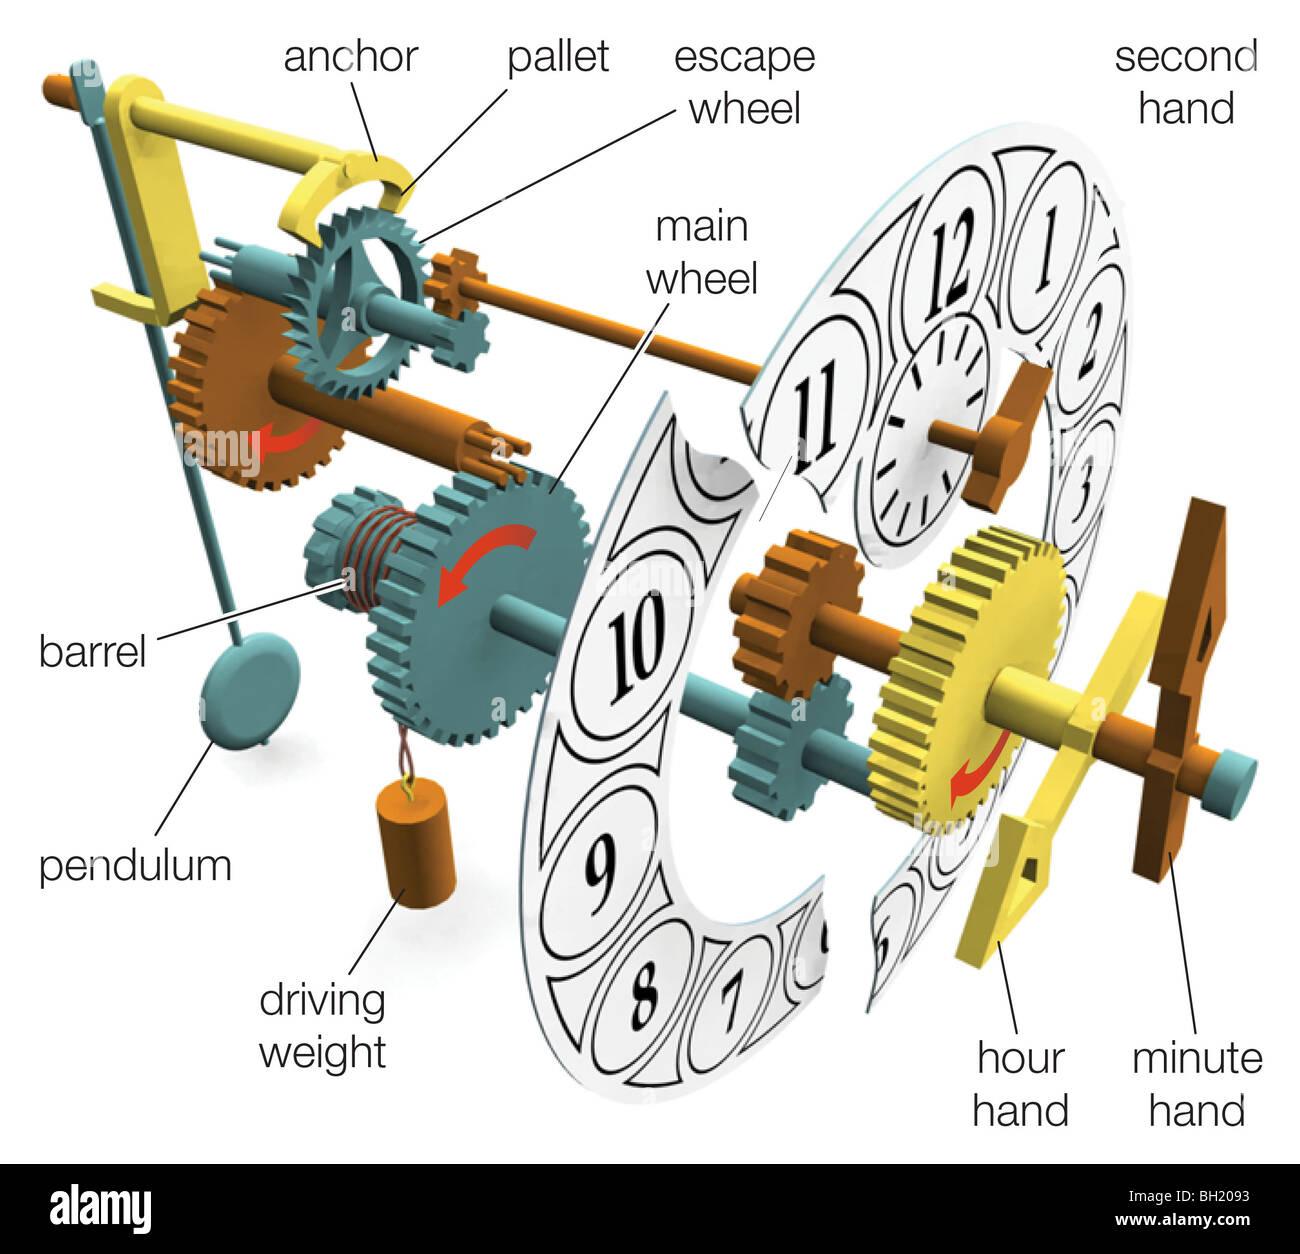 Pendulum Clock Stock Photos & Pendulum Clock Stock Images - Alamy